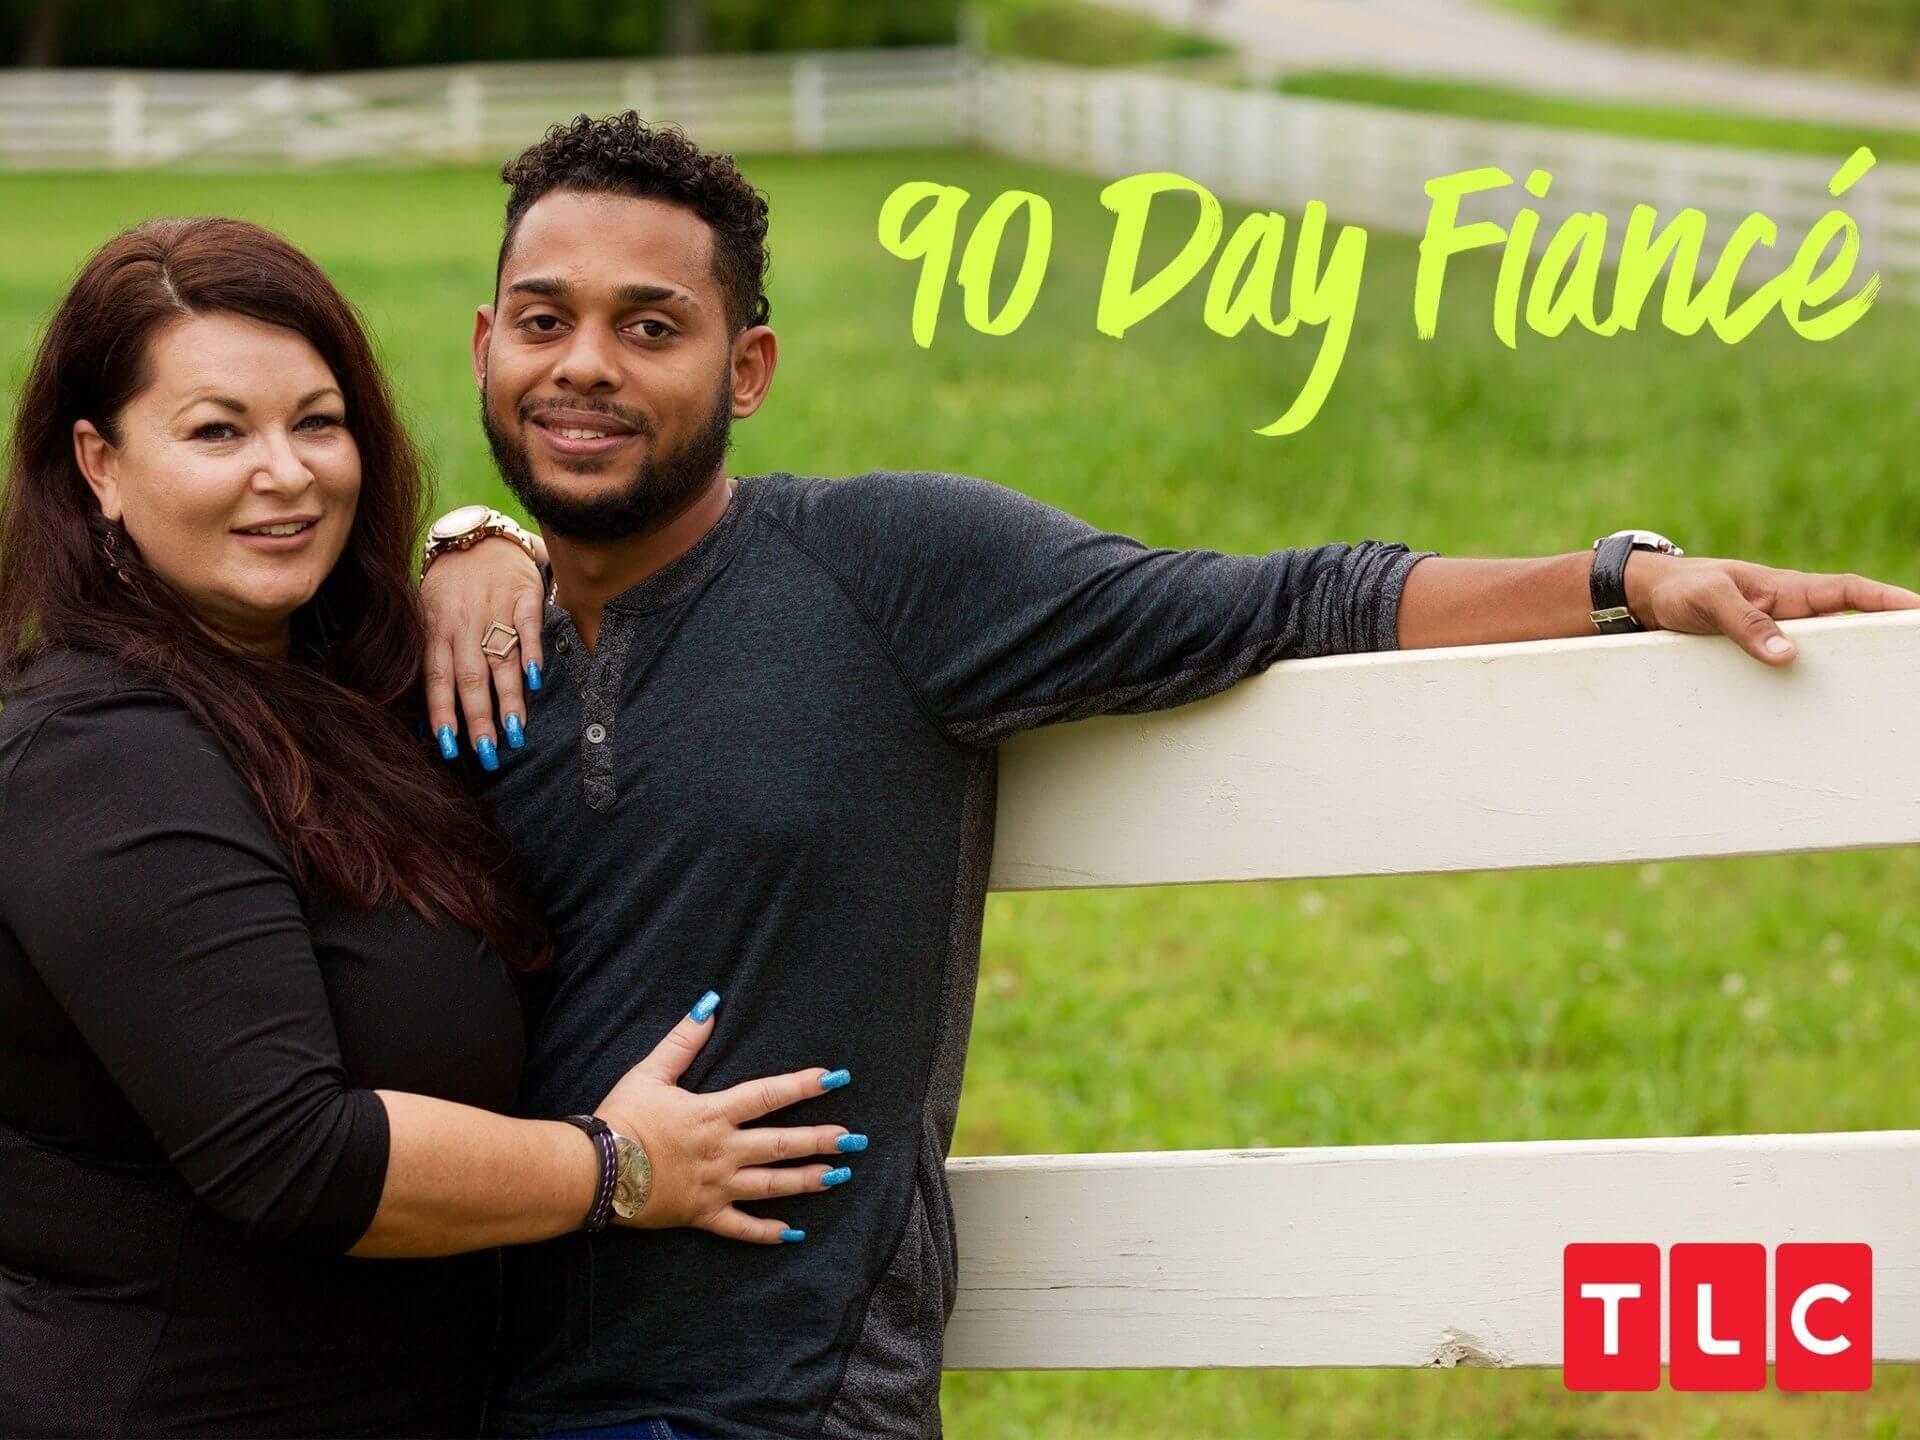 watch 90 day fiancé on Amazon